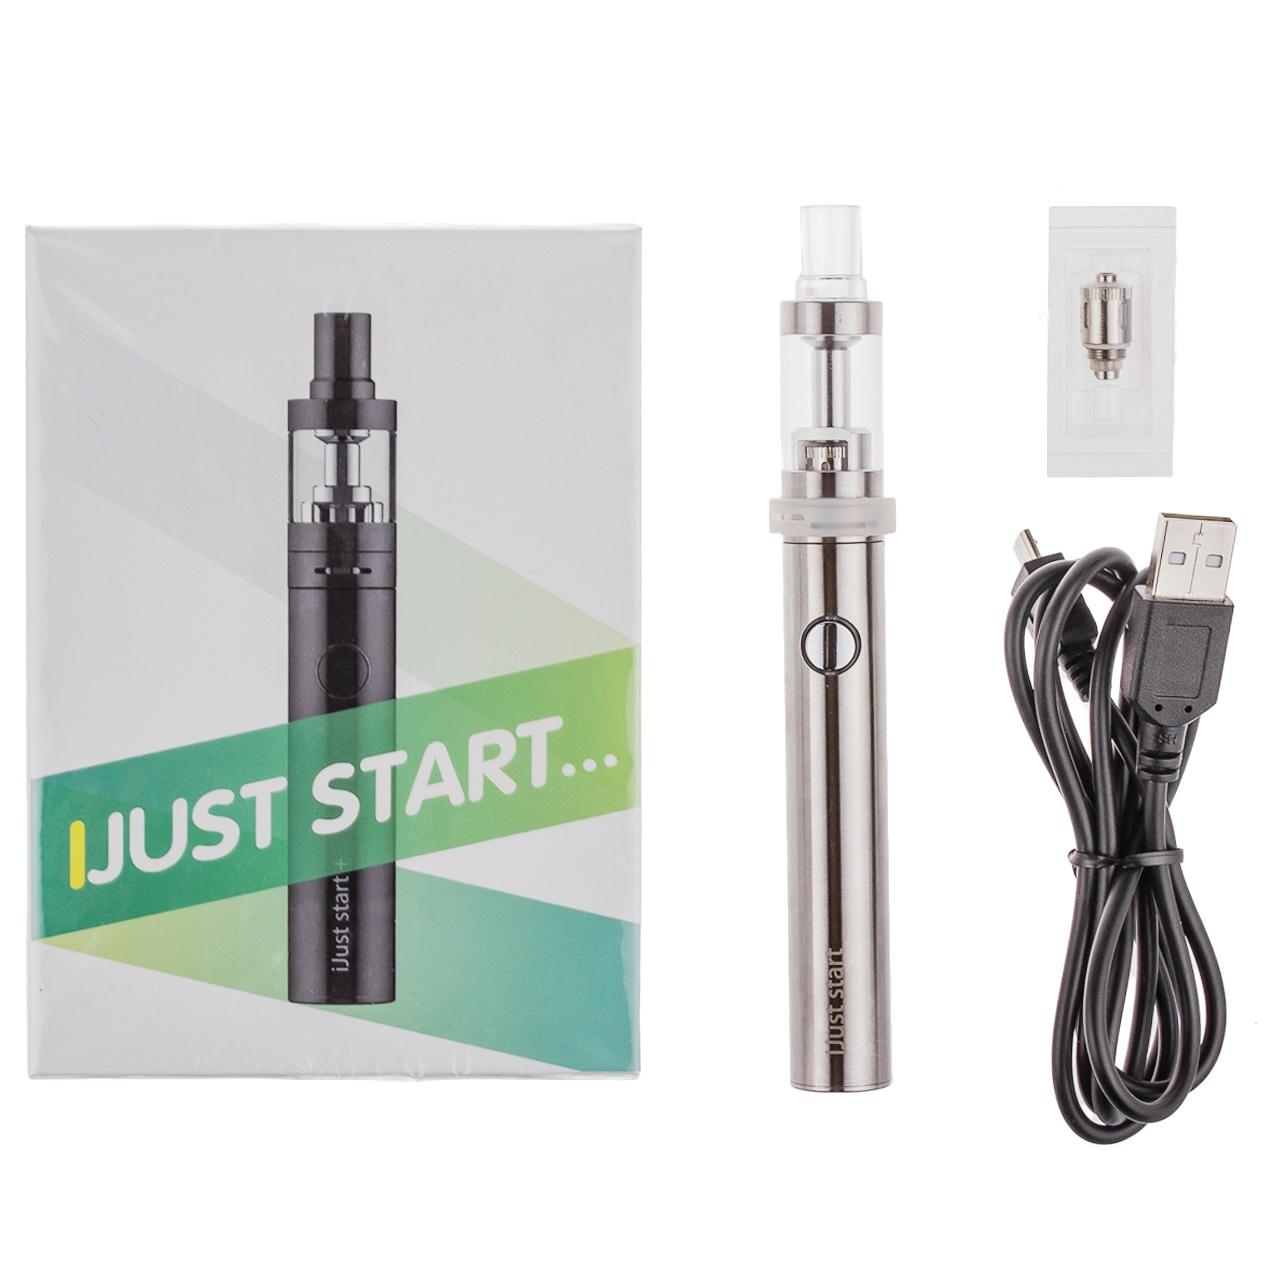 Электронная сигарета ijust купить в москве электронную сигарету купить в вологде